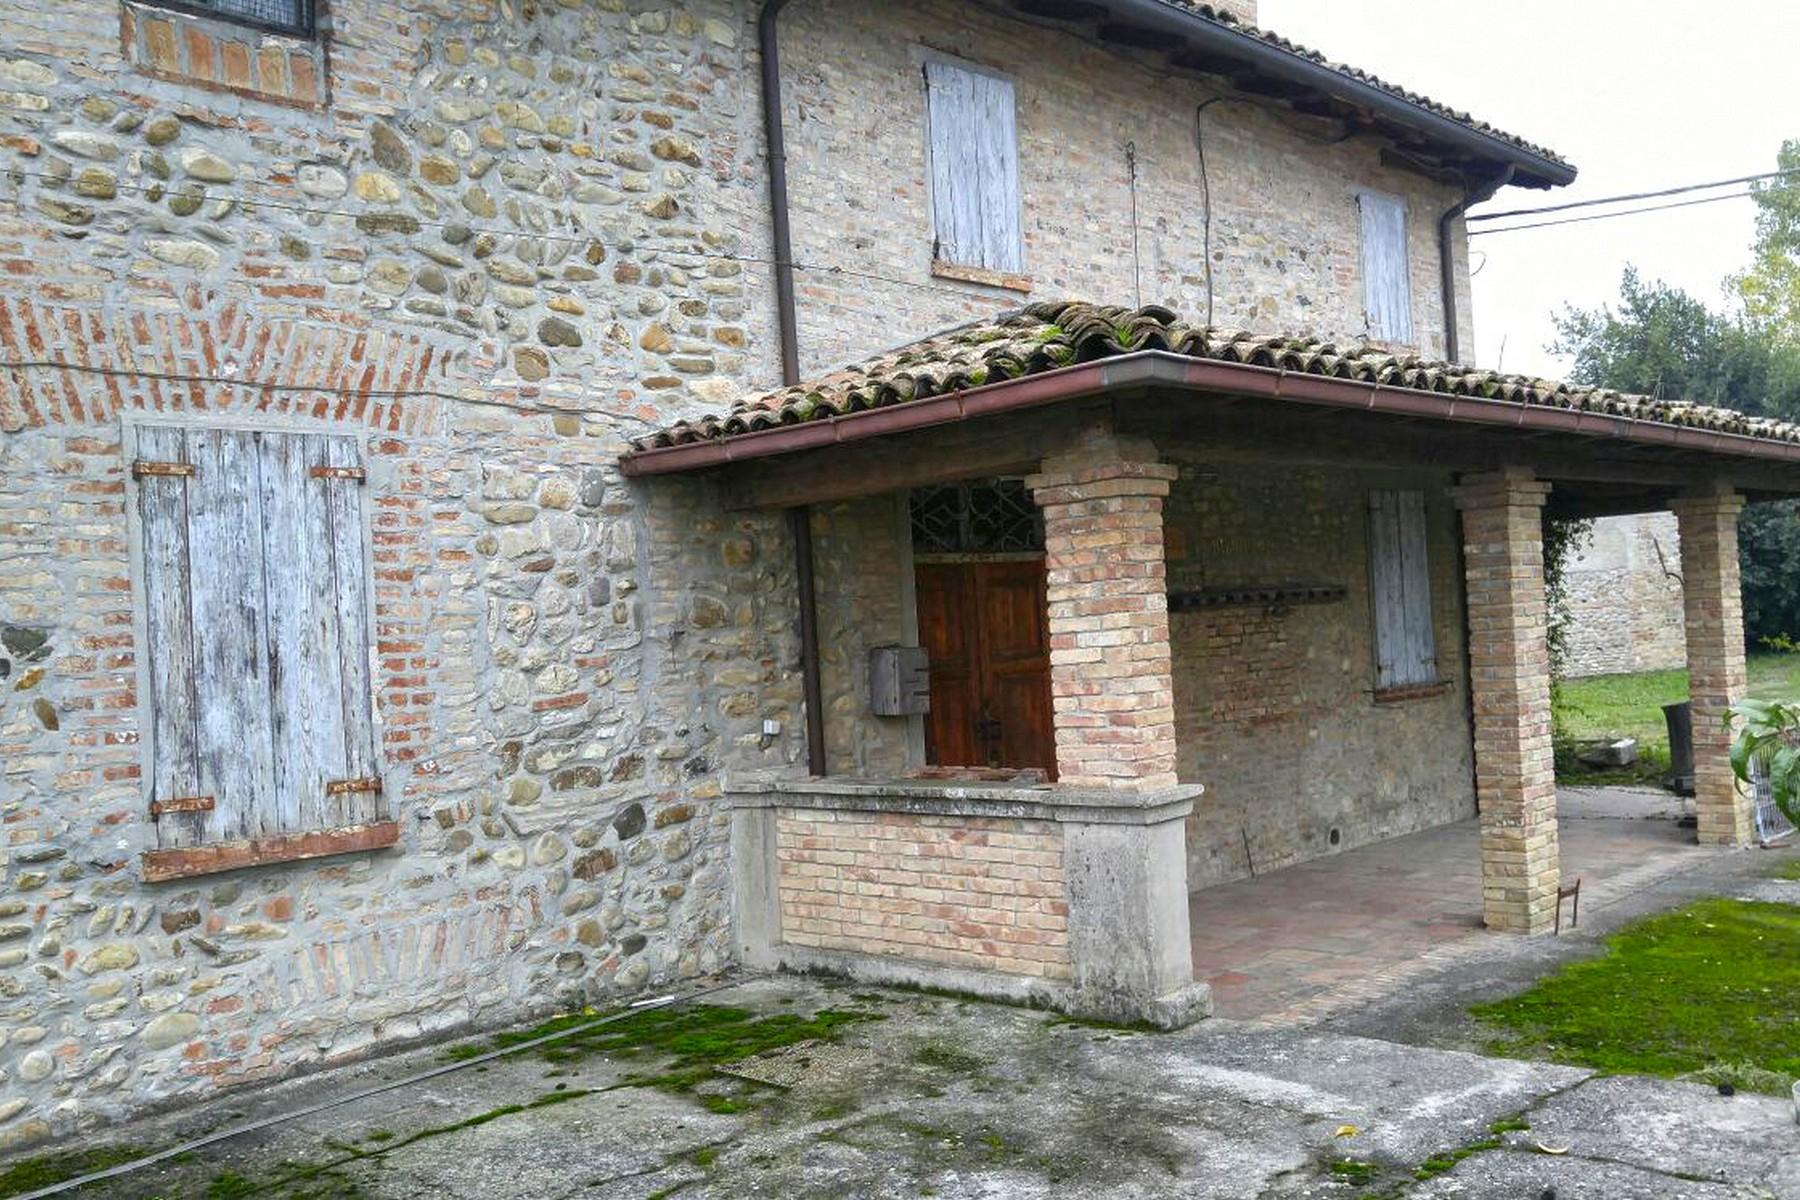 Rustico in Vendita a Castelvetro Di Modena: 5 locali, 3100 mq - Foto 4